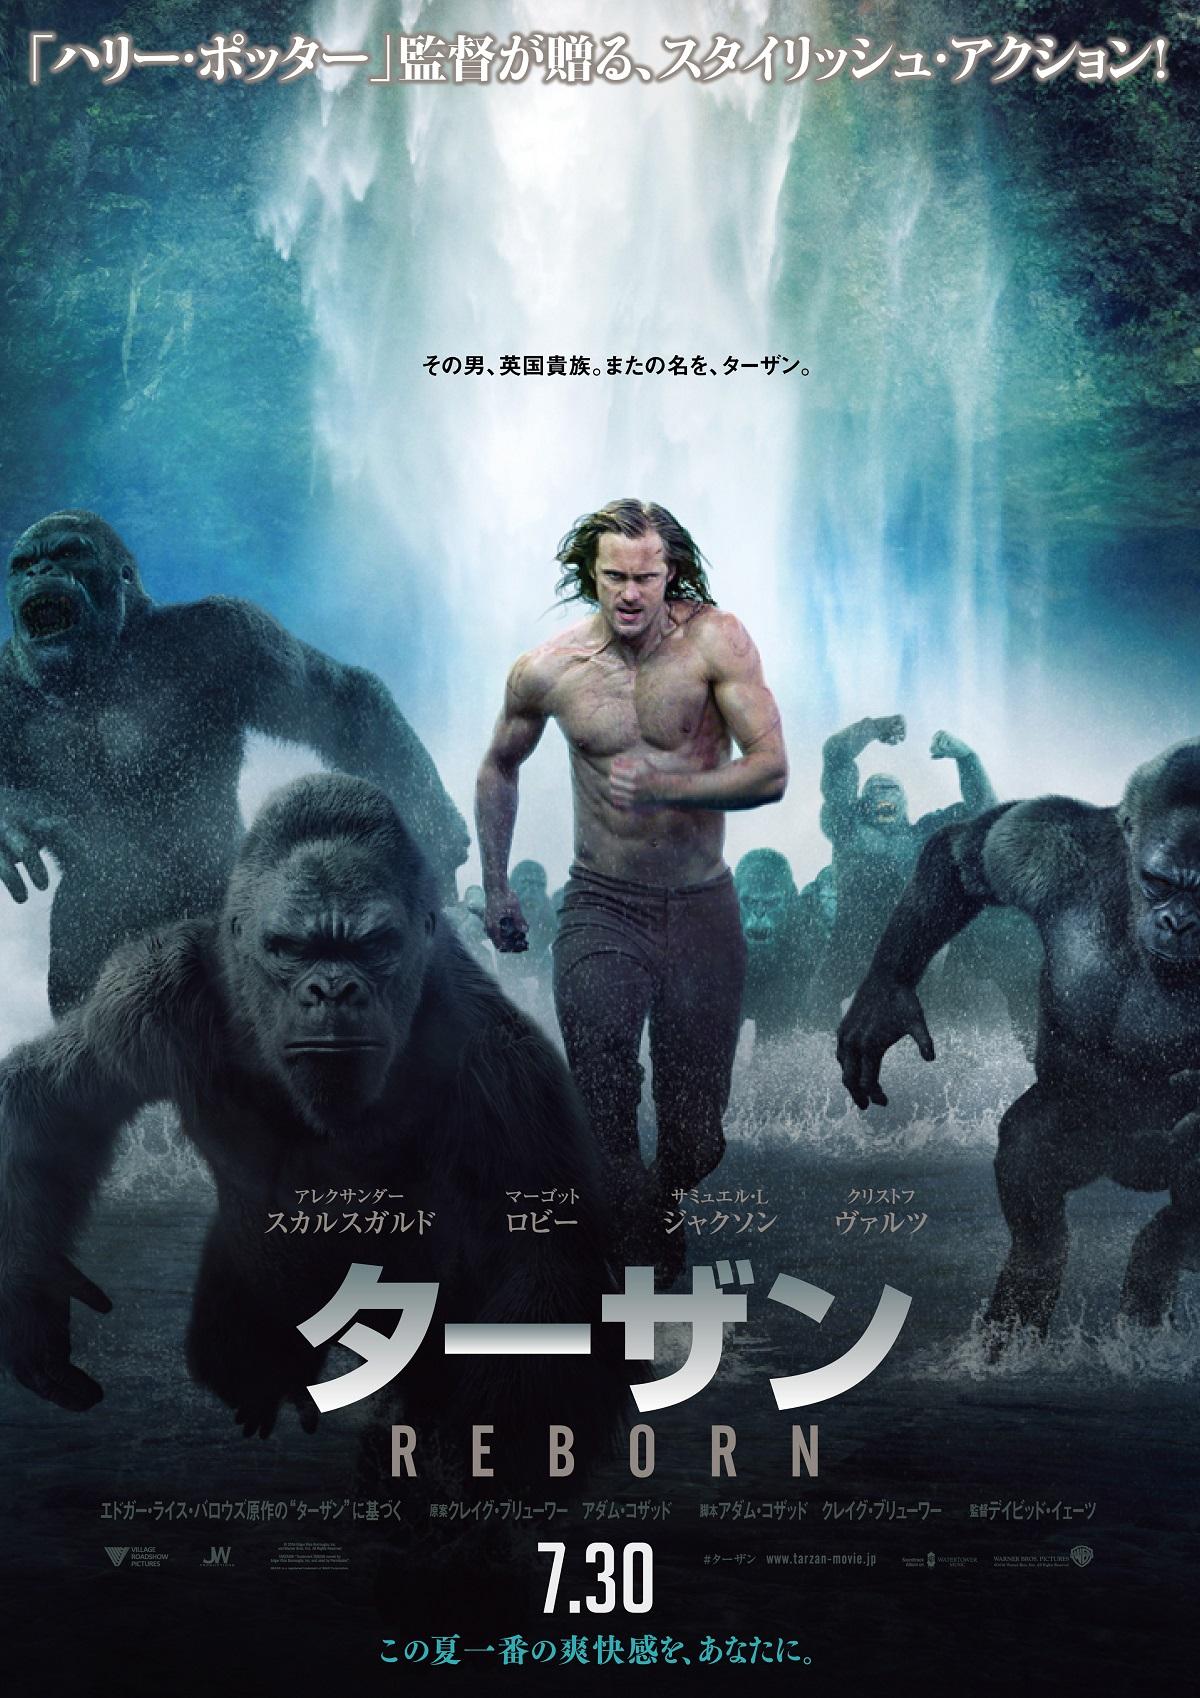 紳士、だけど野獣…♡今年の夏は映画『ターザン:REBORN』で女心を満たして♡